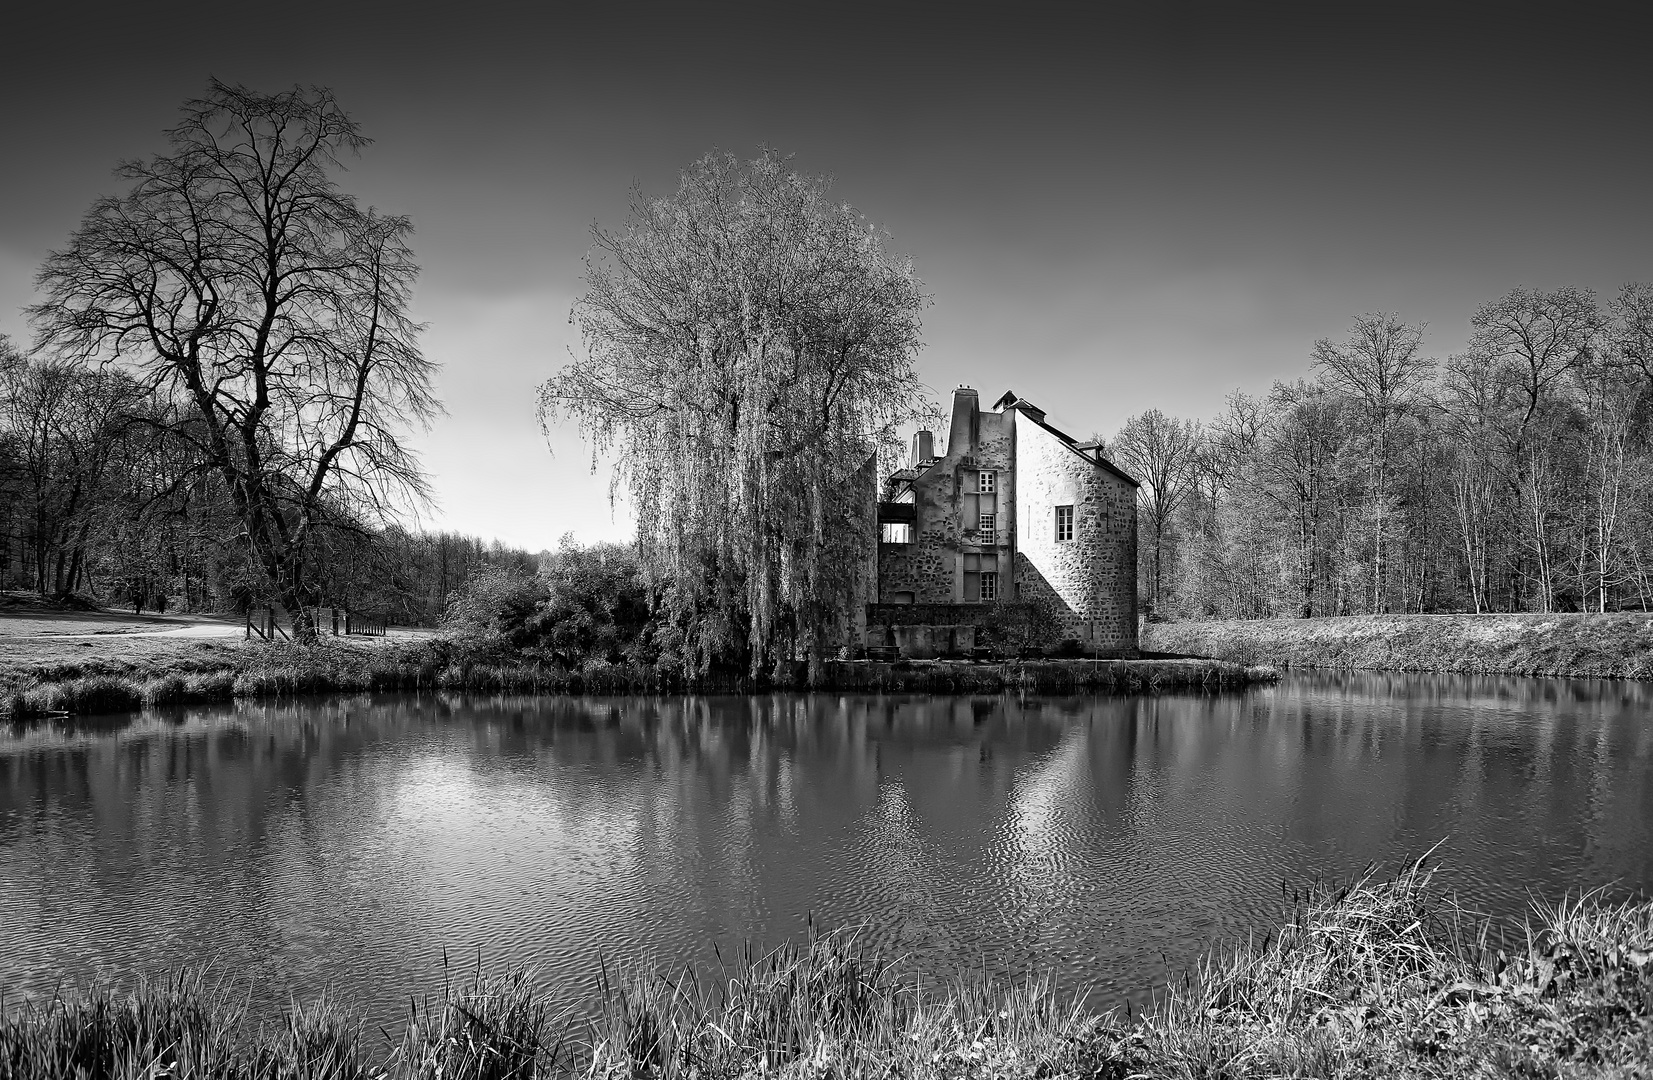 Chateau de la chasse